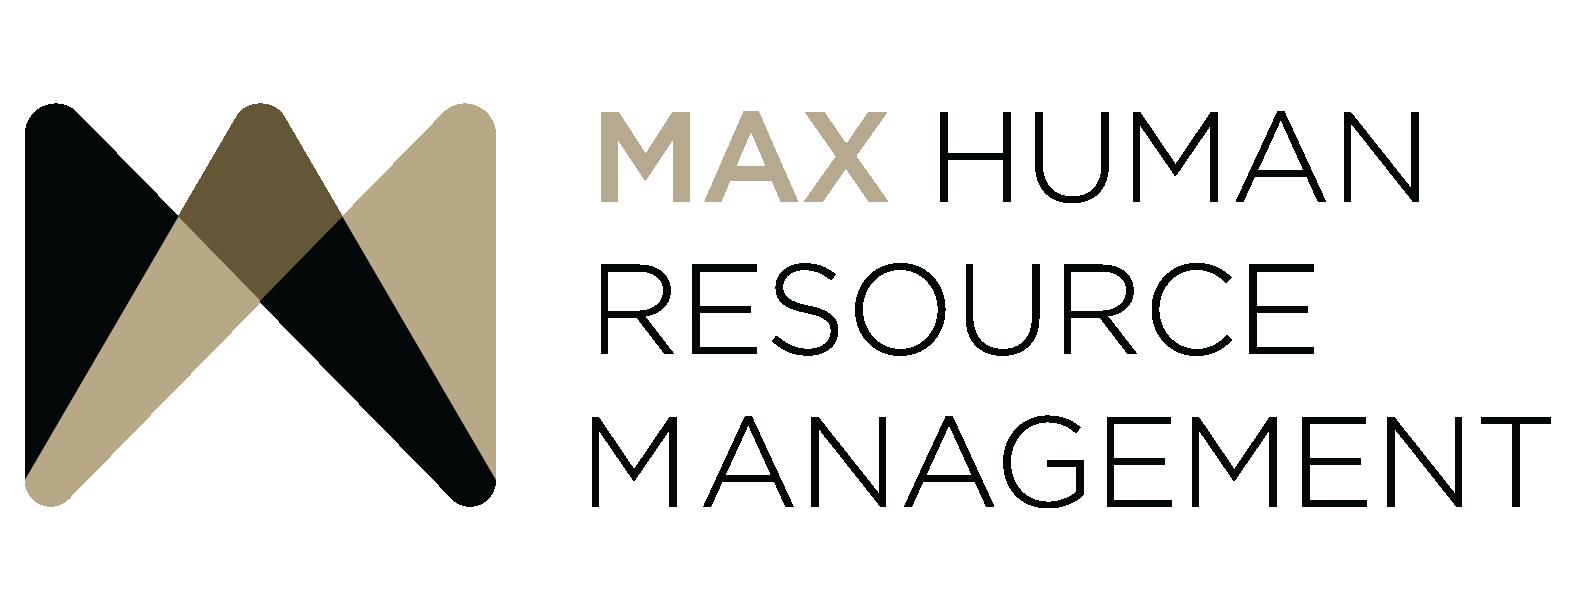 max human